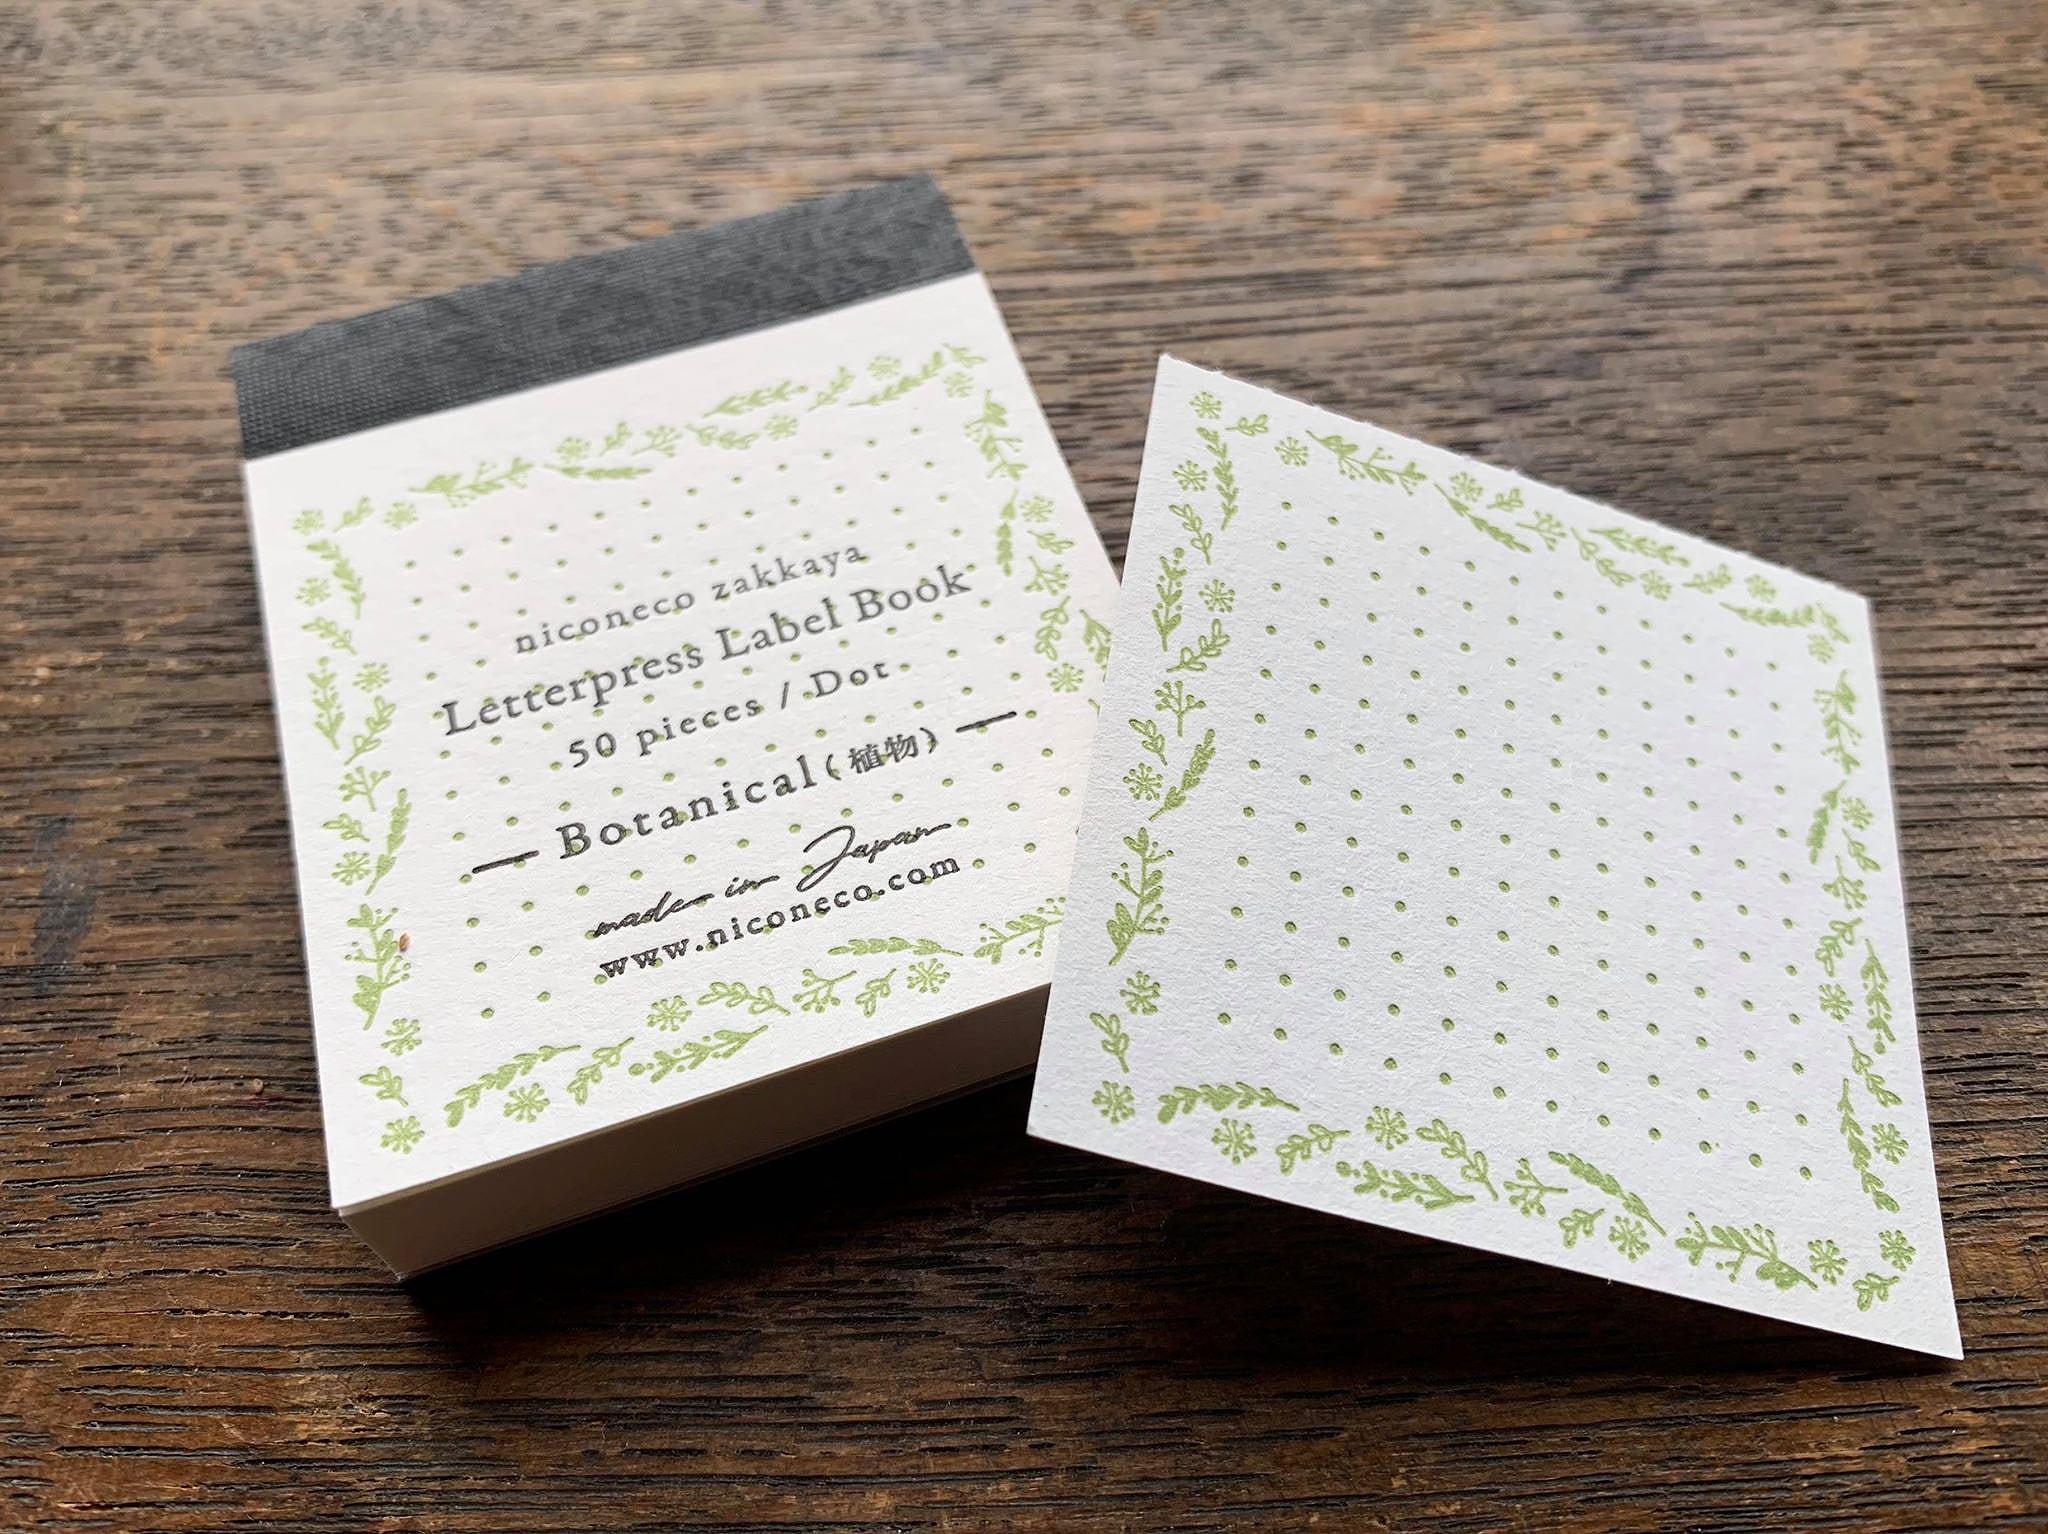 【活版印刷】Label book(Botanical 植物)niconecoコラボ